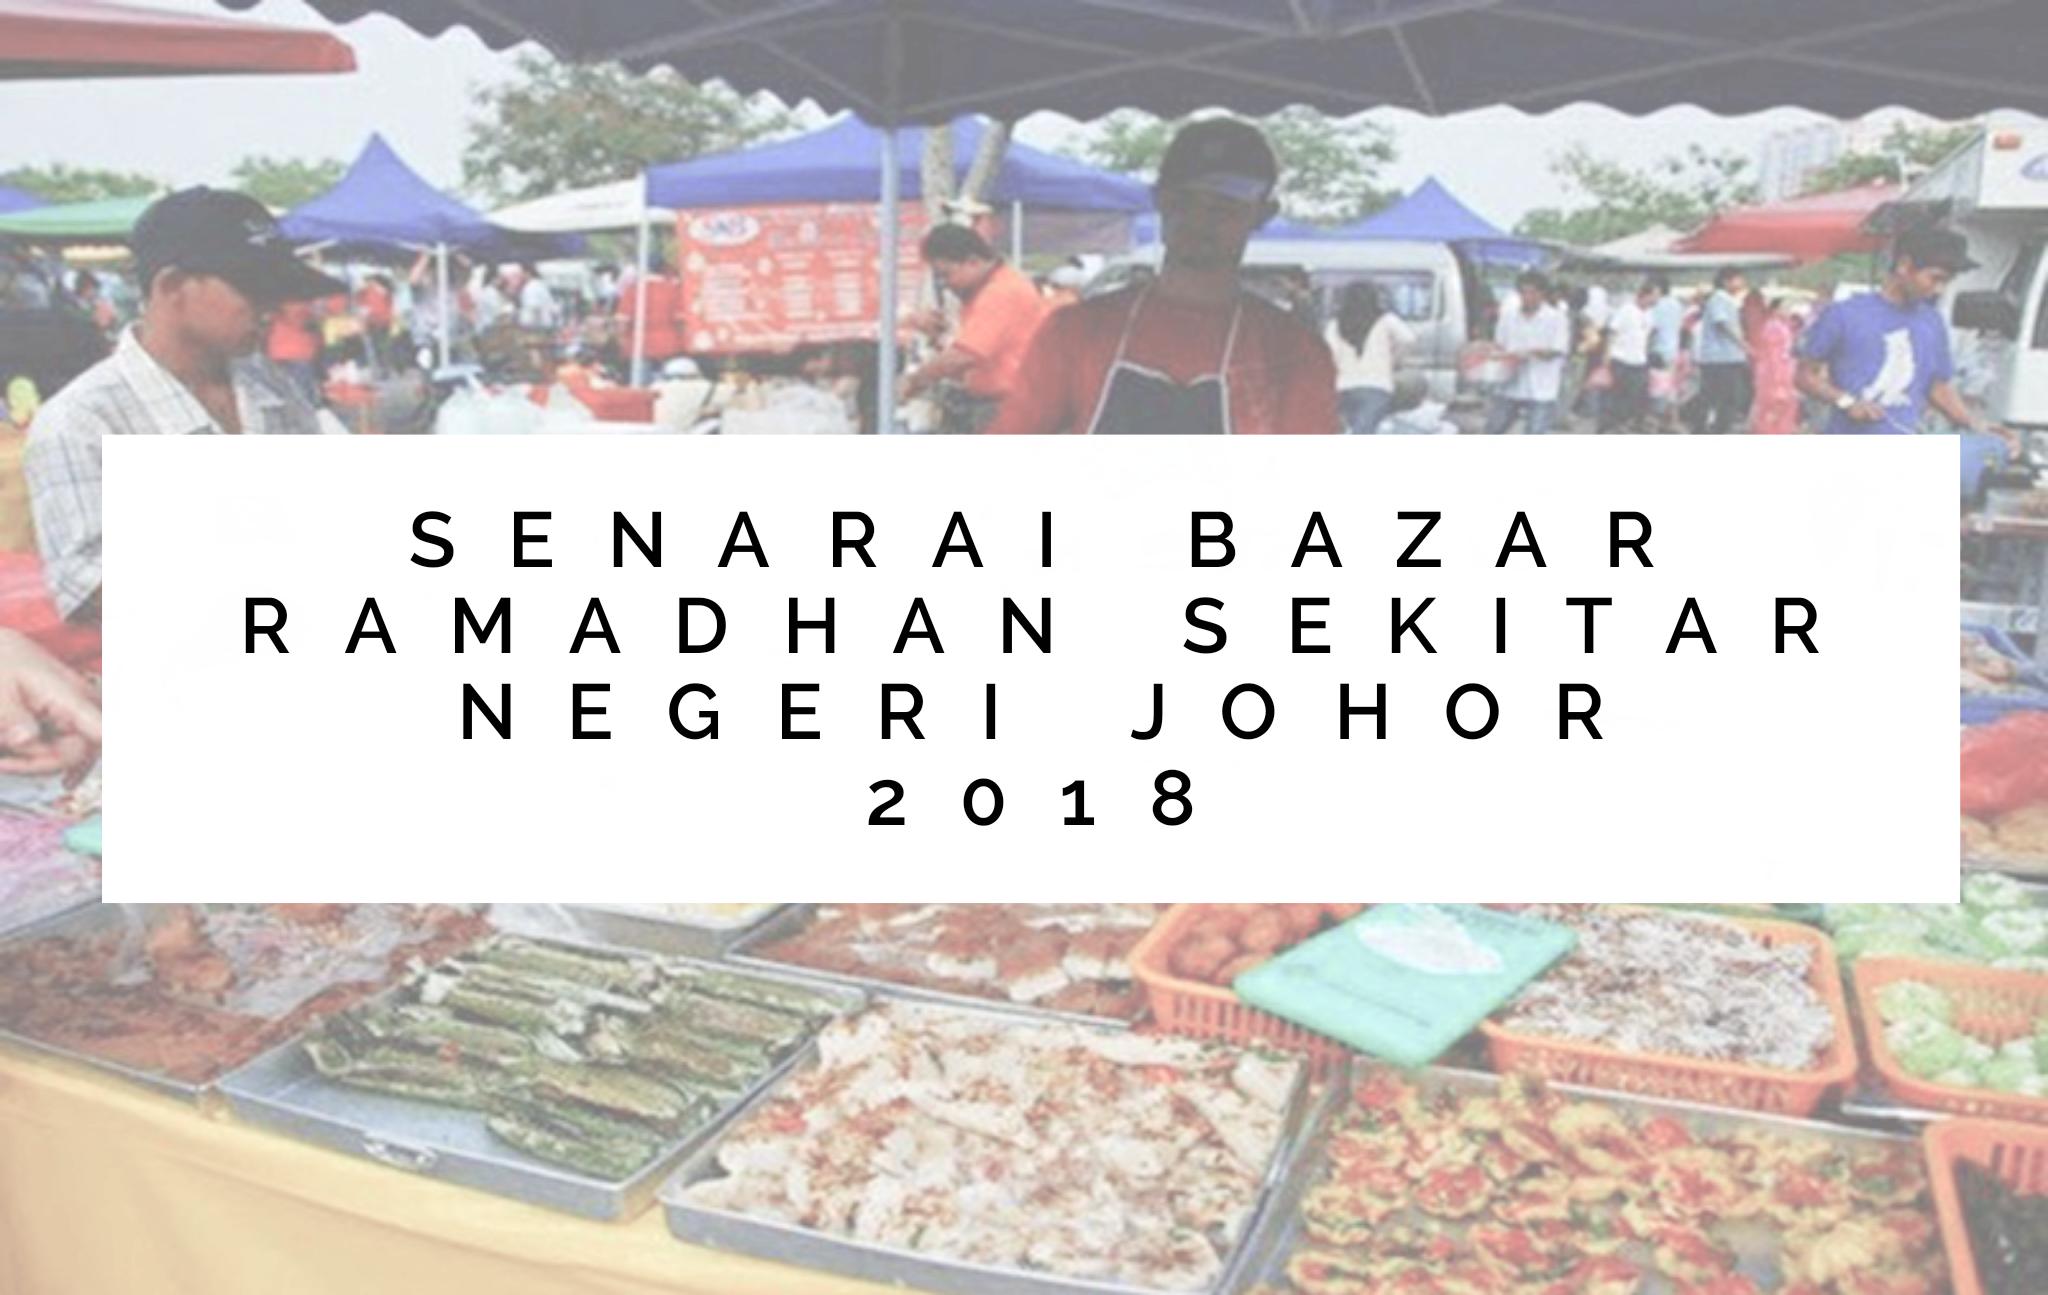 Senarai Bazar Ramadhan Sekitar Negeri Johor 2018